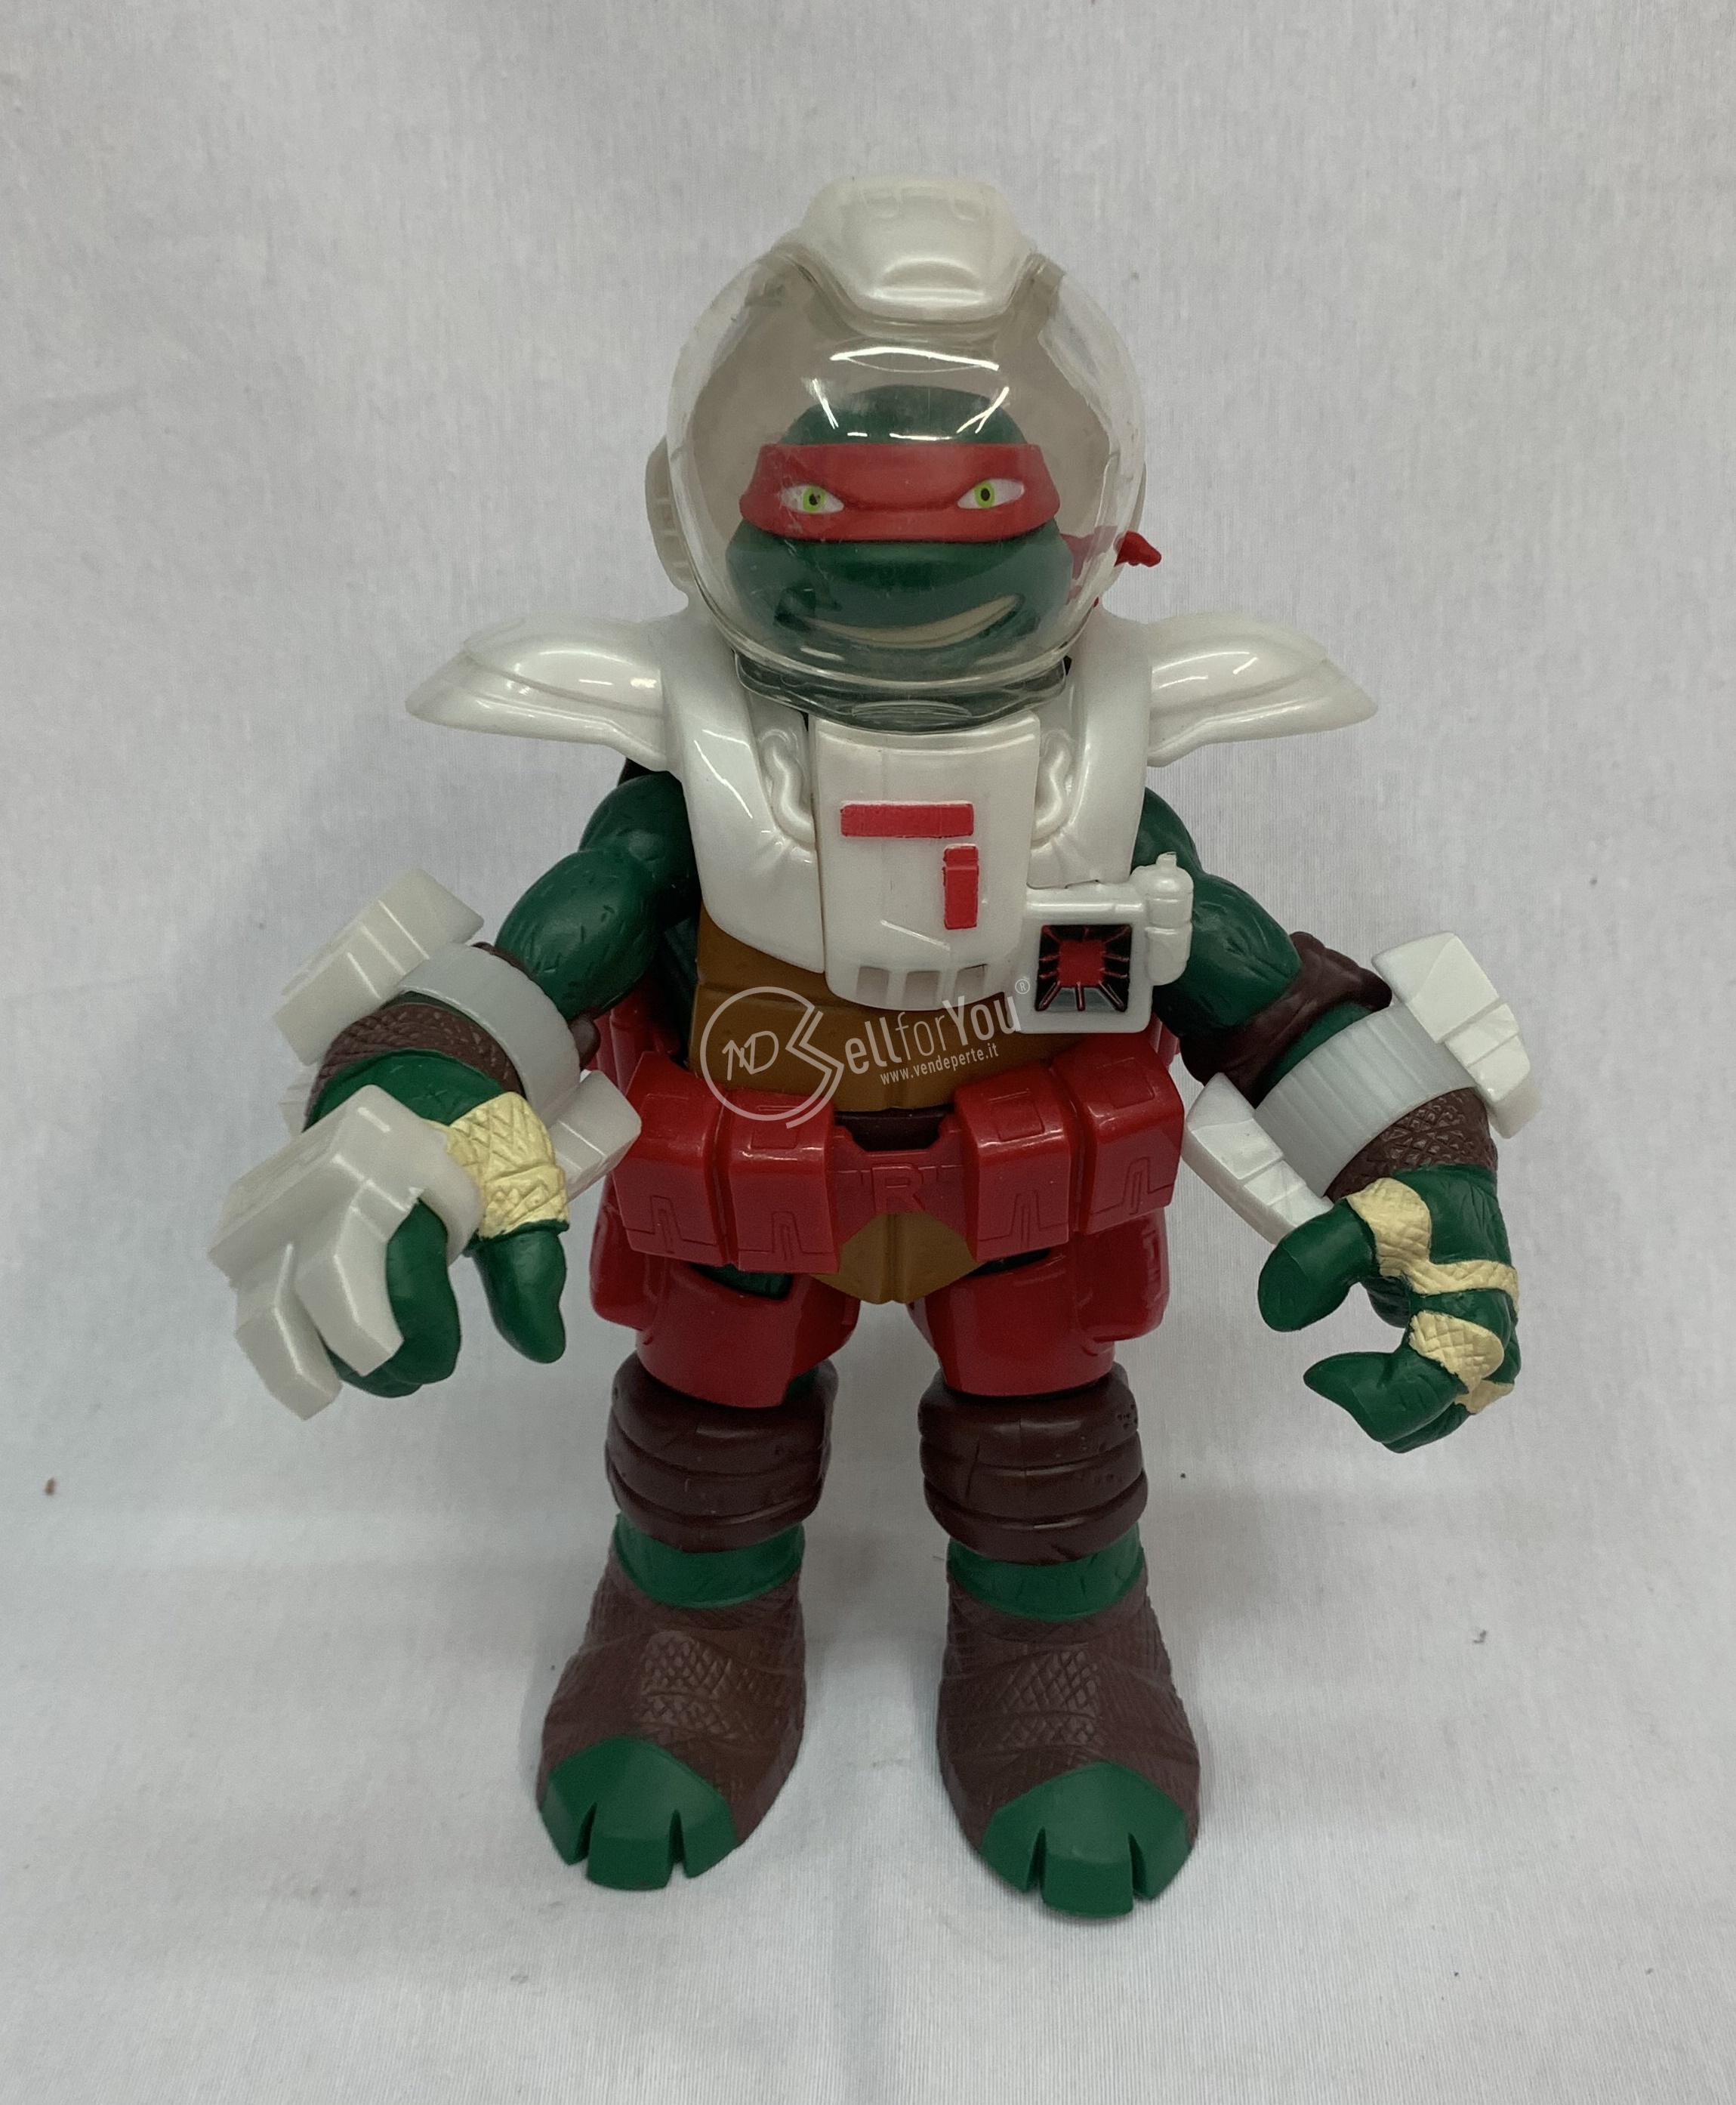 sellforyou immagine default articolo correlato non trovatoTartaruga ninja Raffaello astronauta action figure